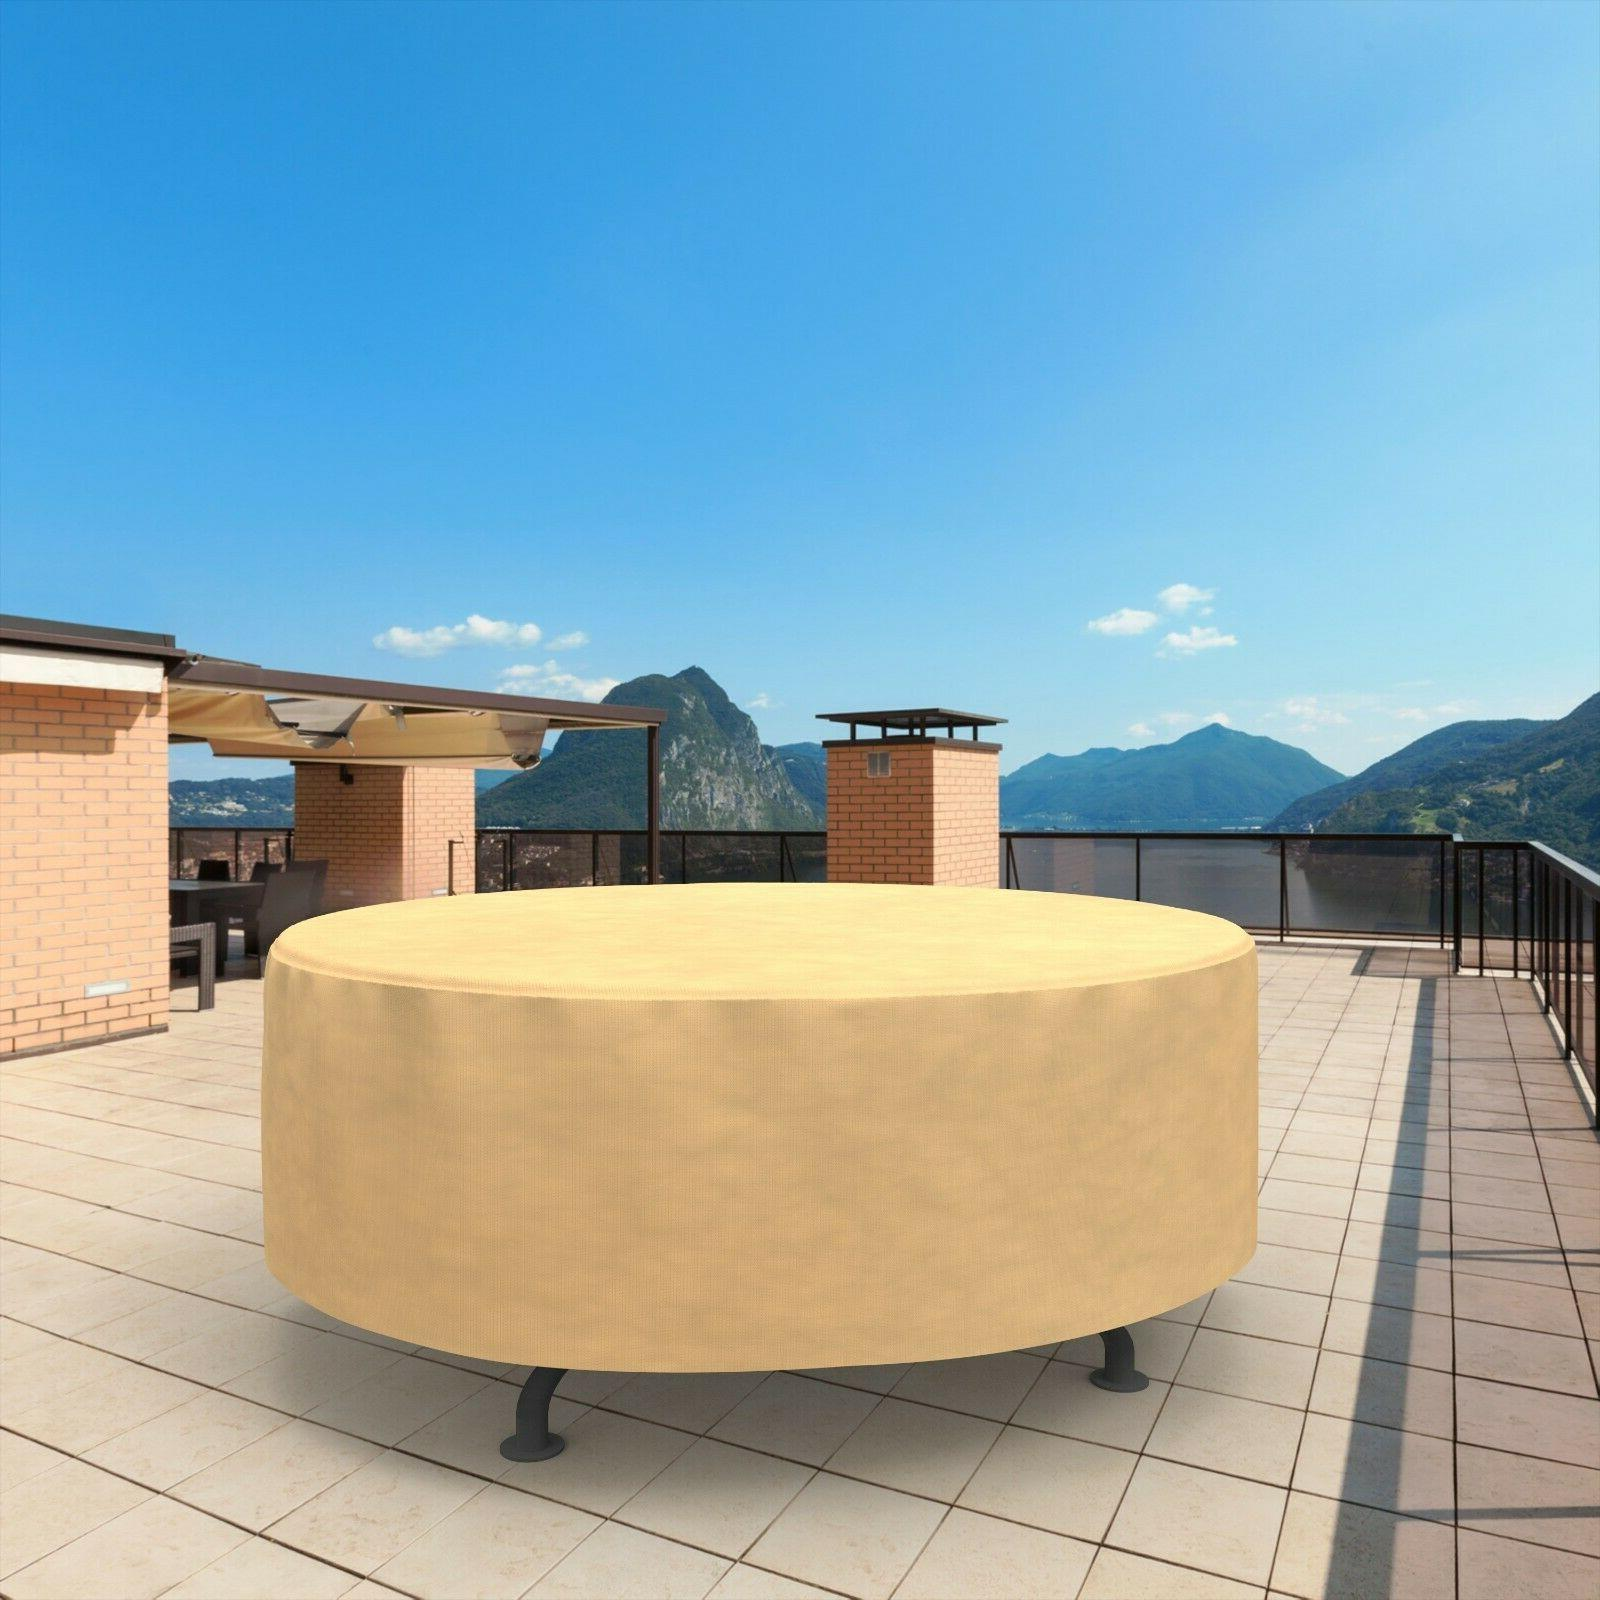 Patio Round Outdoor Garden Furniture Rain Protection Tan